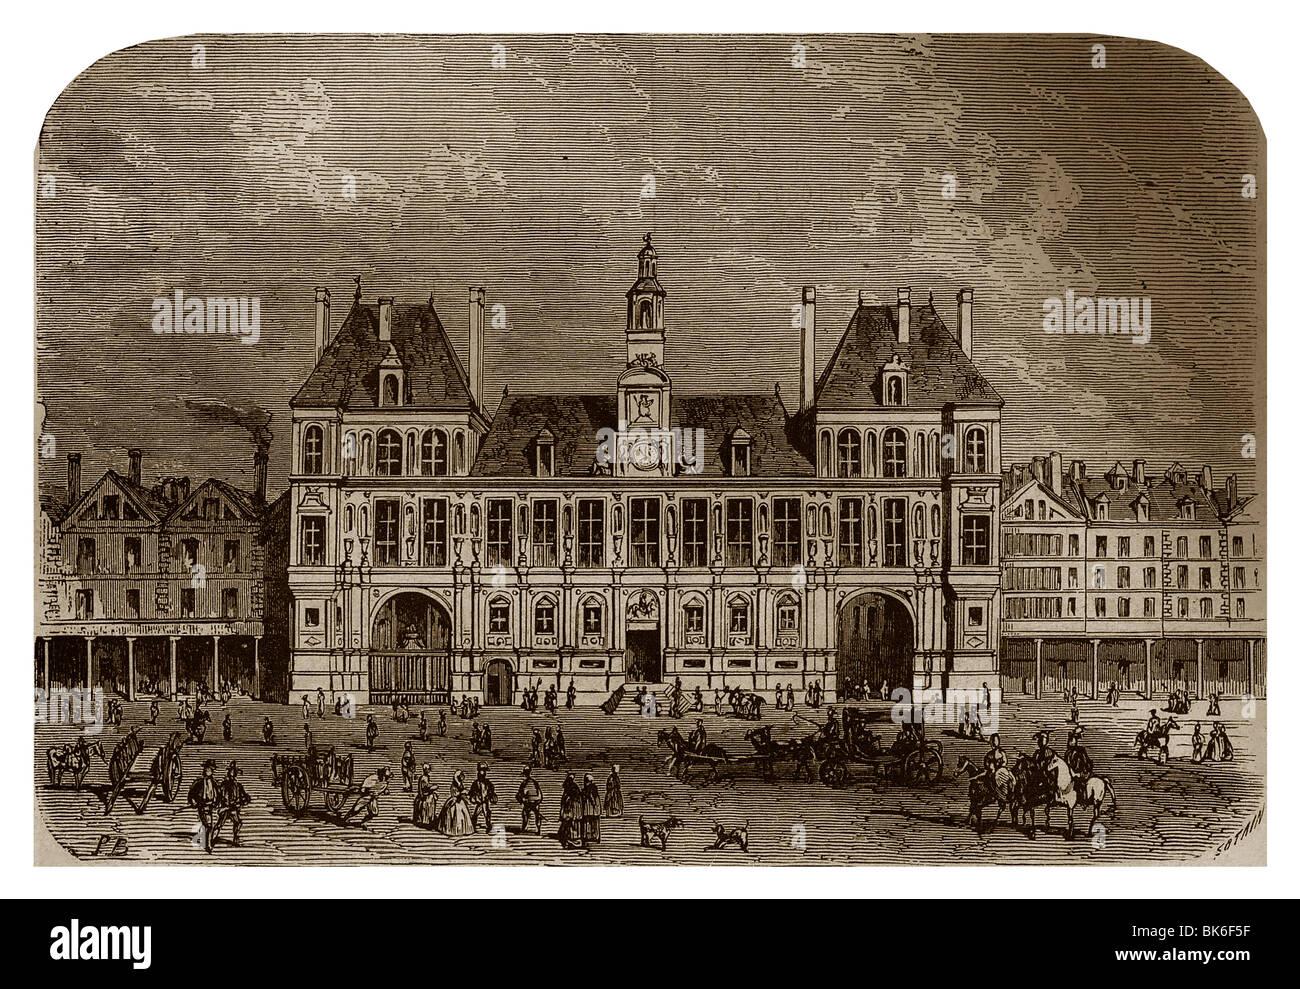 Hôtel de ville of Paris during the reign of Henry IV of France. - Stock Image